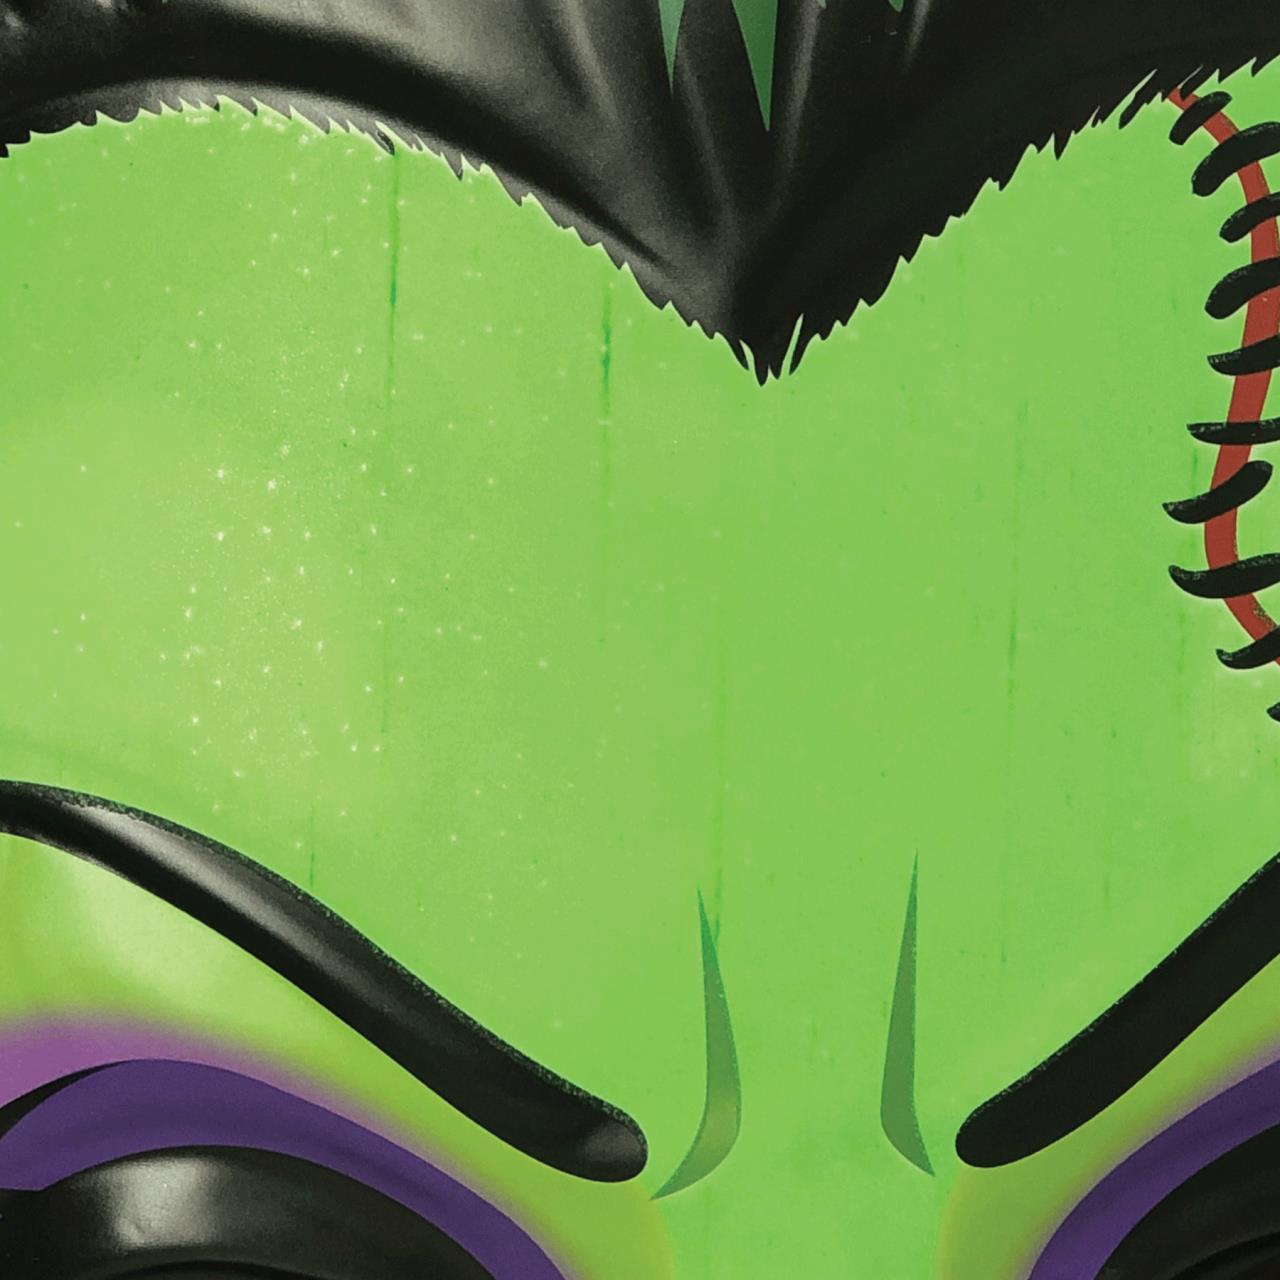 Toxic Bride 3-D Wall Decor* - 0659682808086